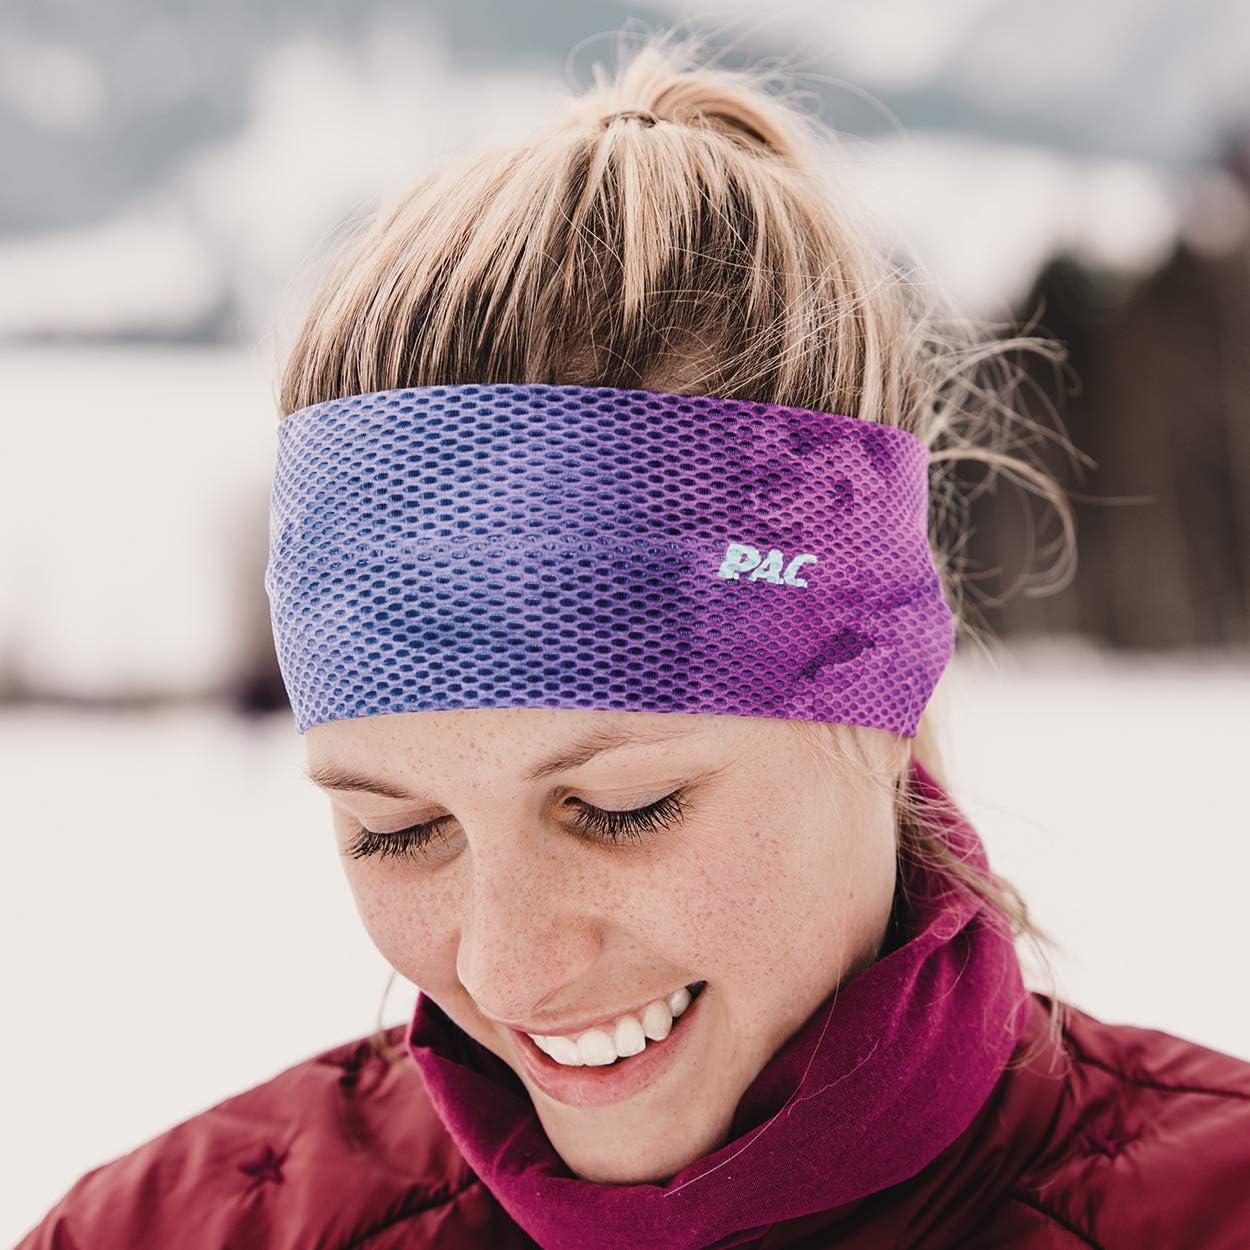 Unisex, verschiedenste Designs Slim Headband Outdoortuch Ohrenschutz P.A.C Schwei/ßband Sport Headband Funktionsstirnband nahtloses Stirnband